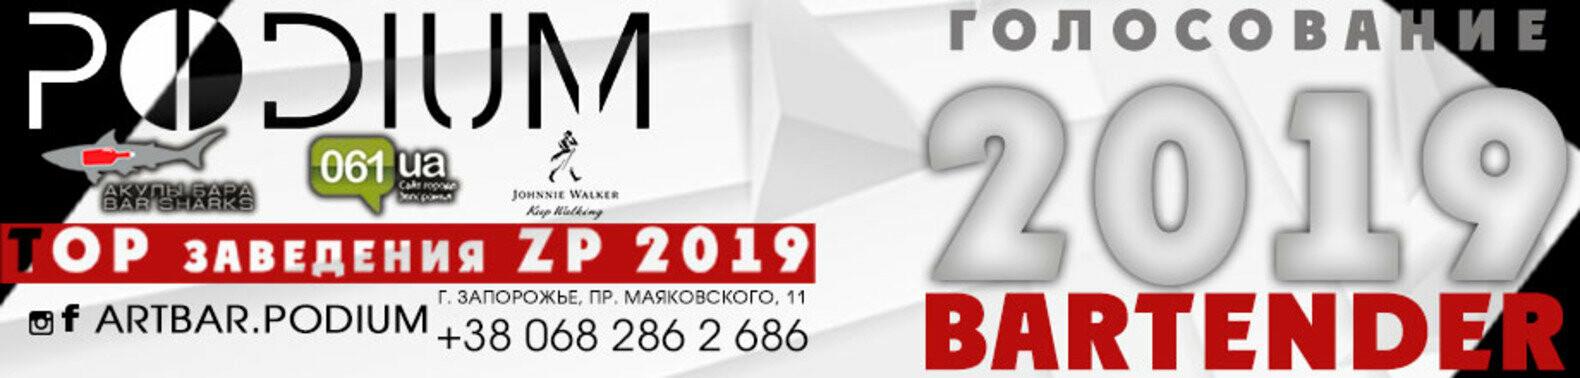 Международный день бармена 2020! Номинации BARTENDER 2019! TOP заведения ZP 2019!